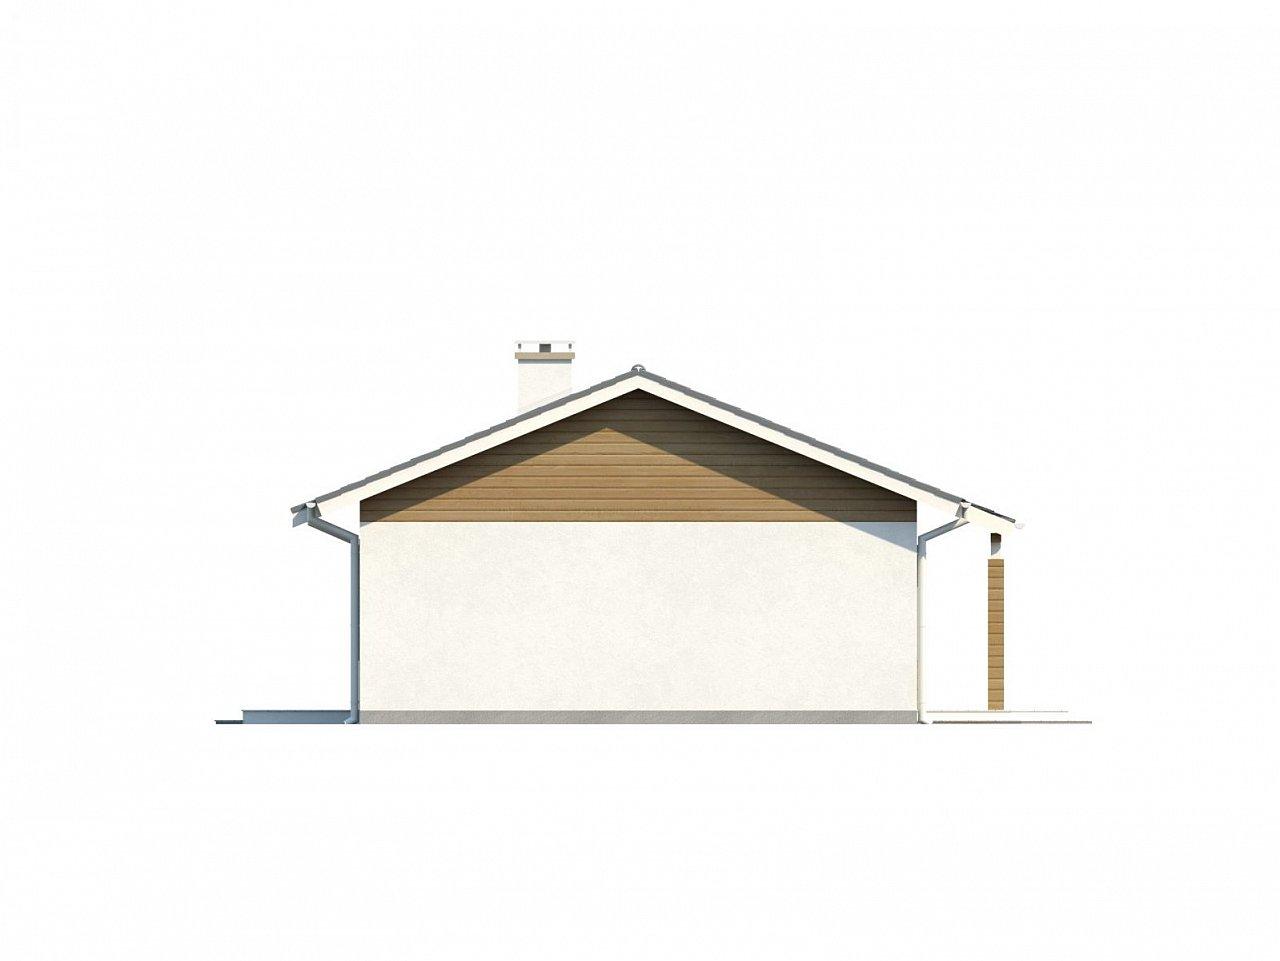 Функциональный и практичный проект дома Z7 в каркасном исполнении - фото 21